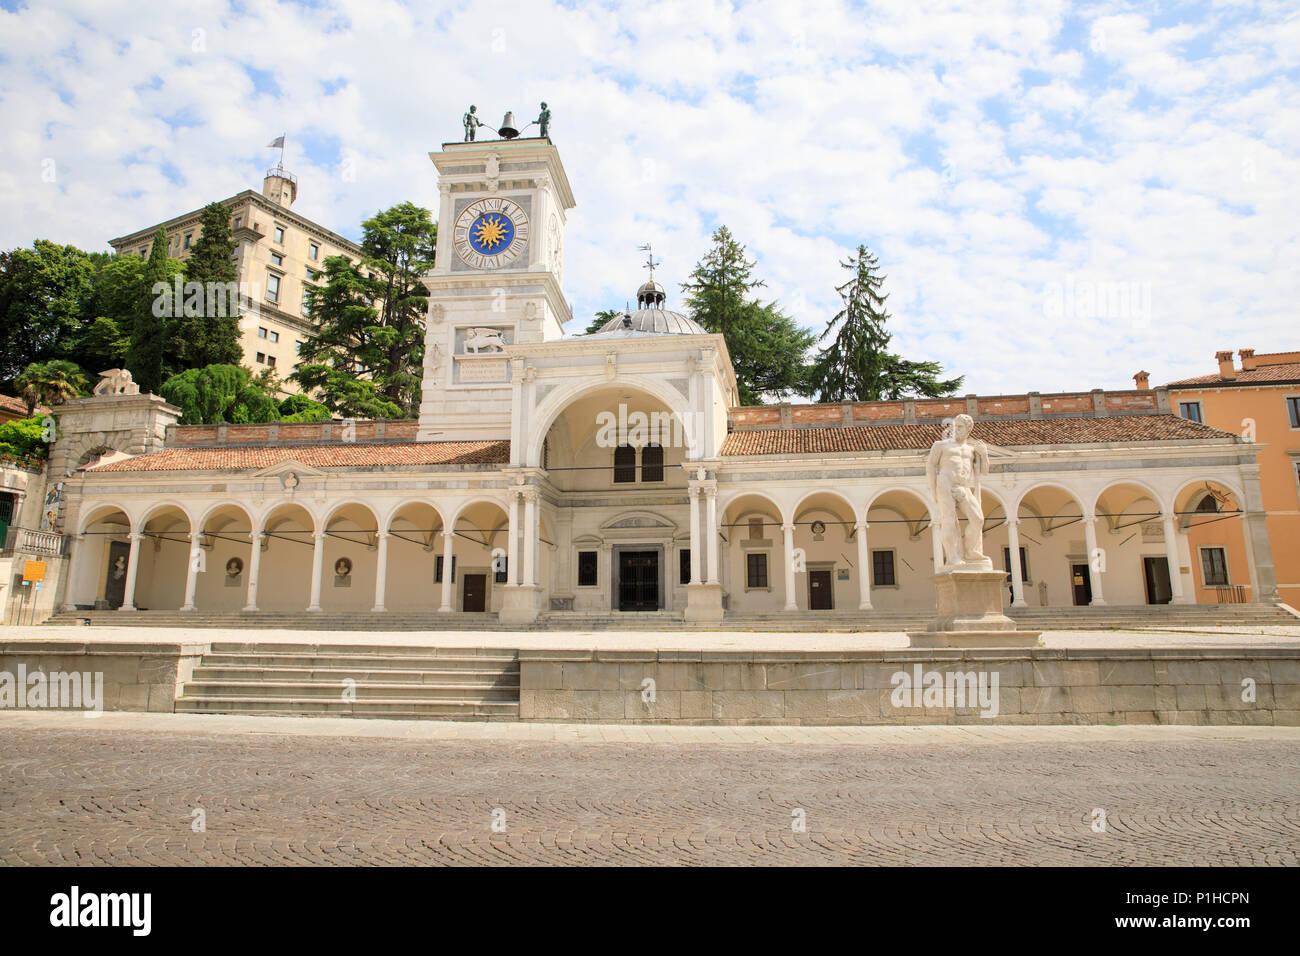 Piazza della Libertà (Freedom Square) & Torre dell'Orologio in Udine, Italy. Stock Photo